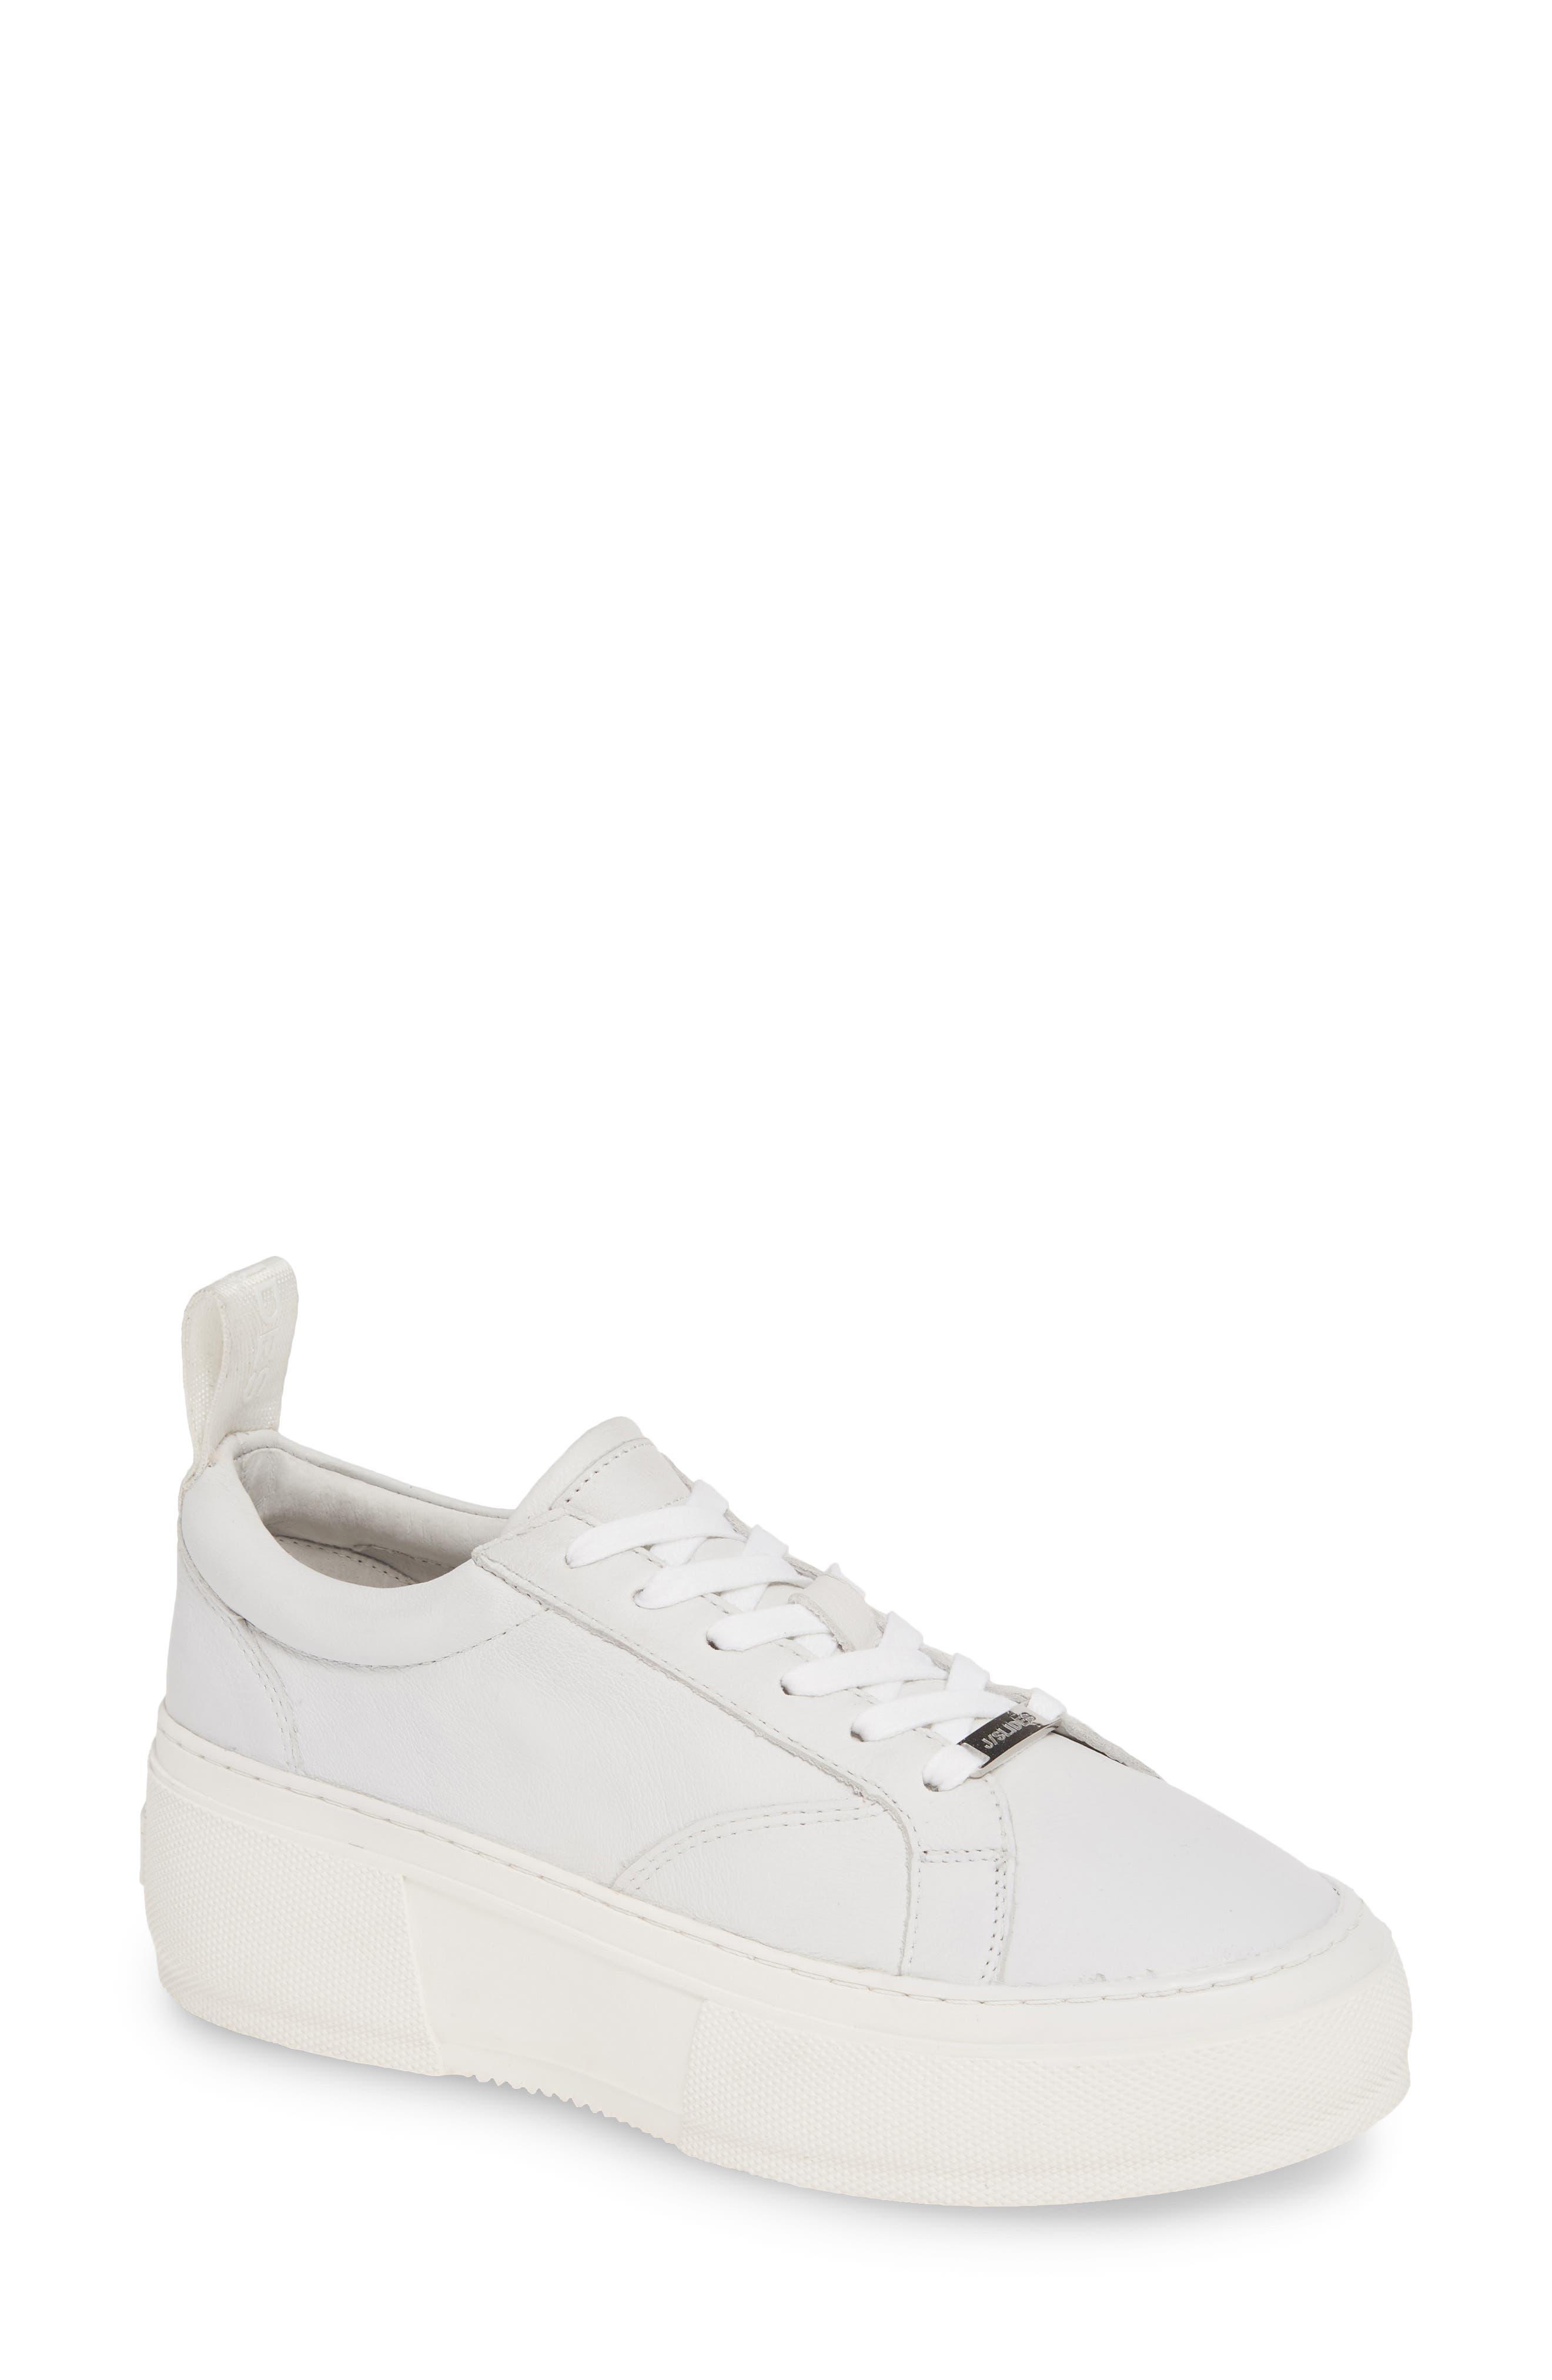 Jslides Courto Platform Sneaker